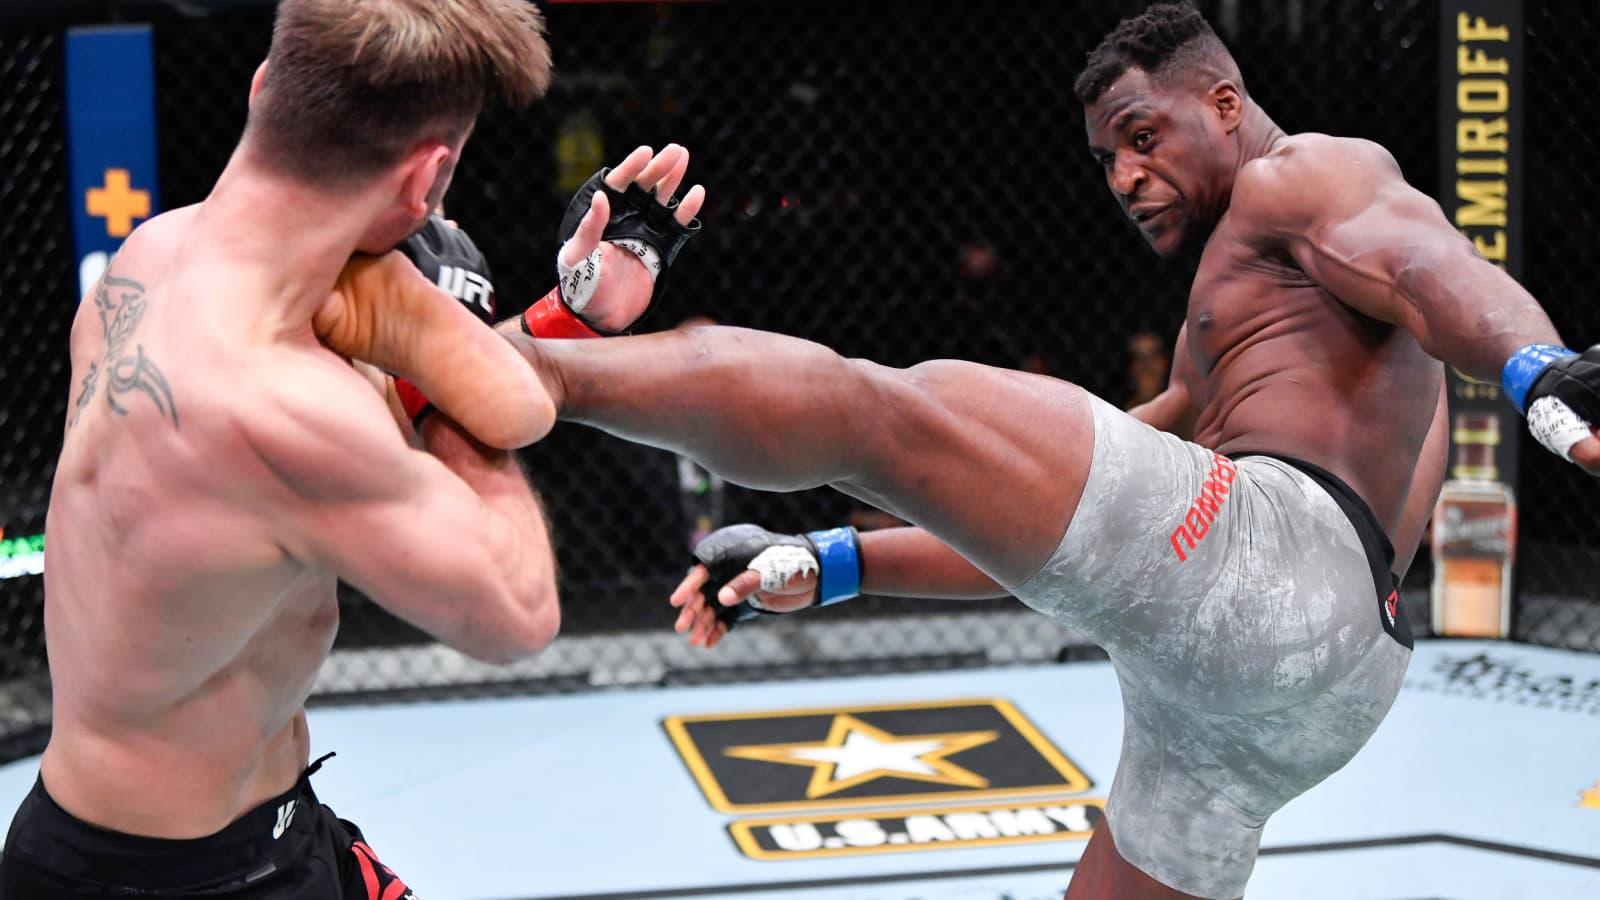 Les combats de l'UFC sont en exclusivité sur RMC Sport